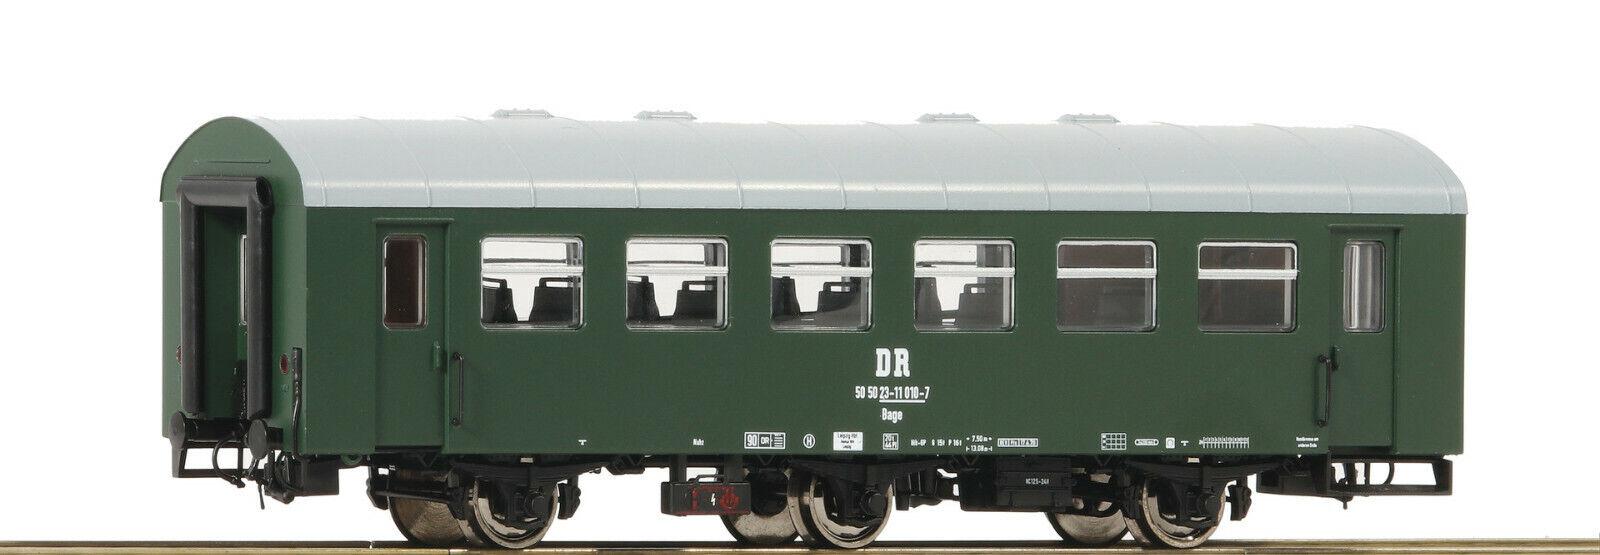 ROCO 74450rekowagen Zero serie, Dr della RDT, Epoca IV, traccia h0, NUOVO & OVP